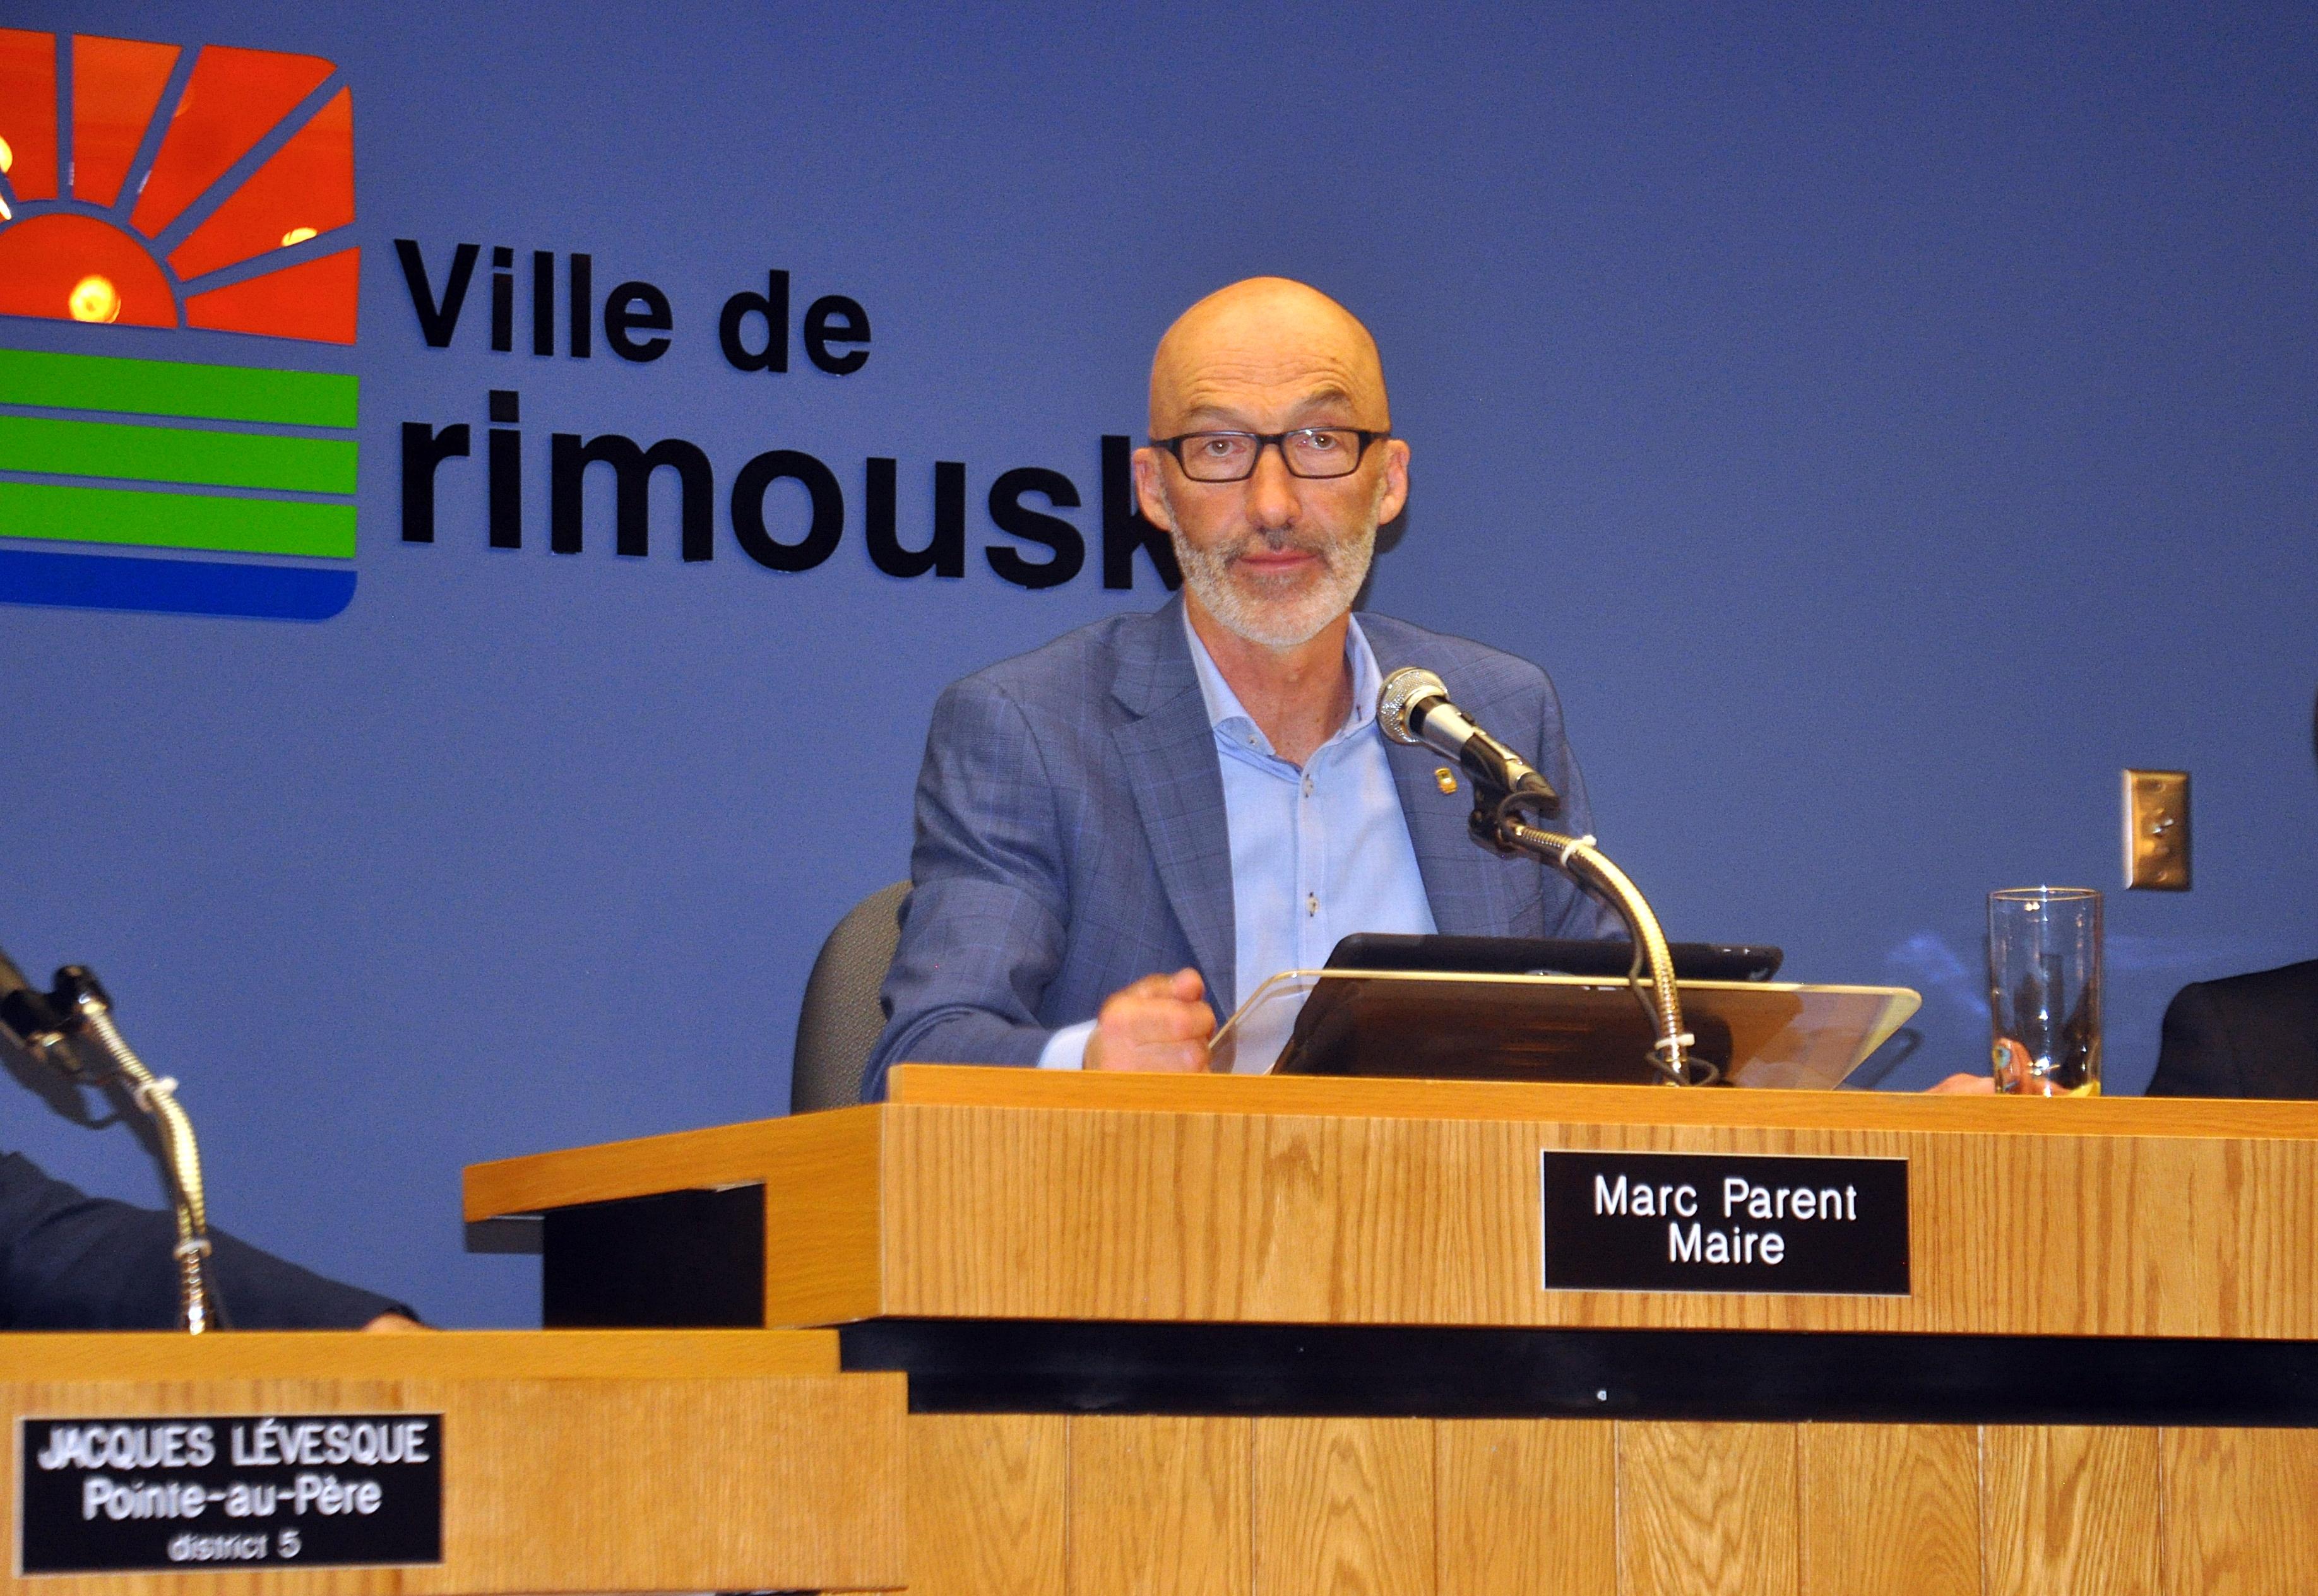 Le maire de Rimouski, Marc Parent.